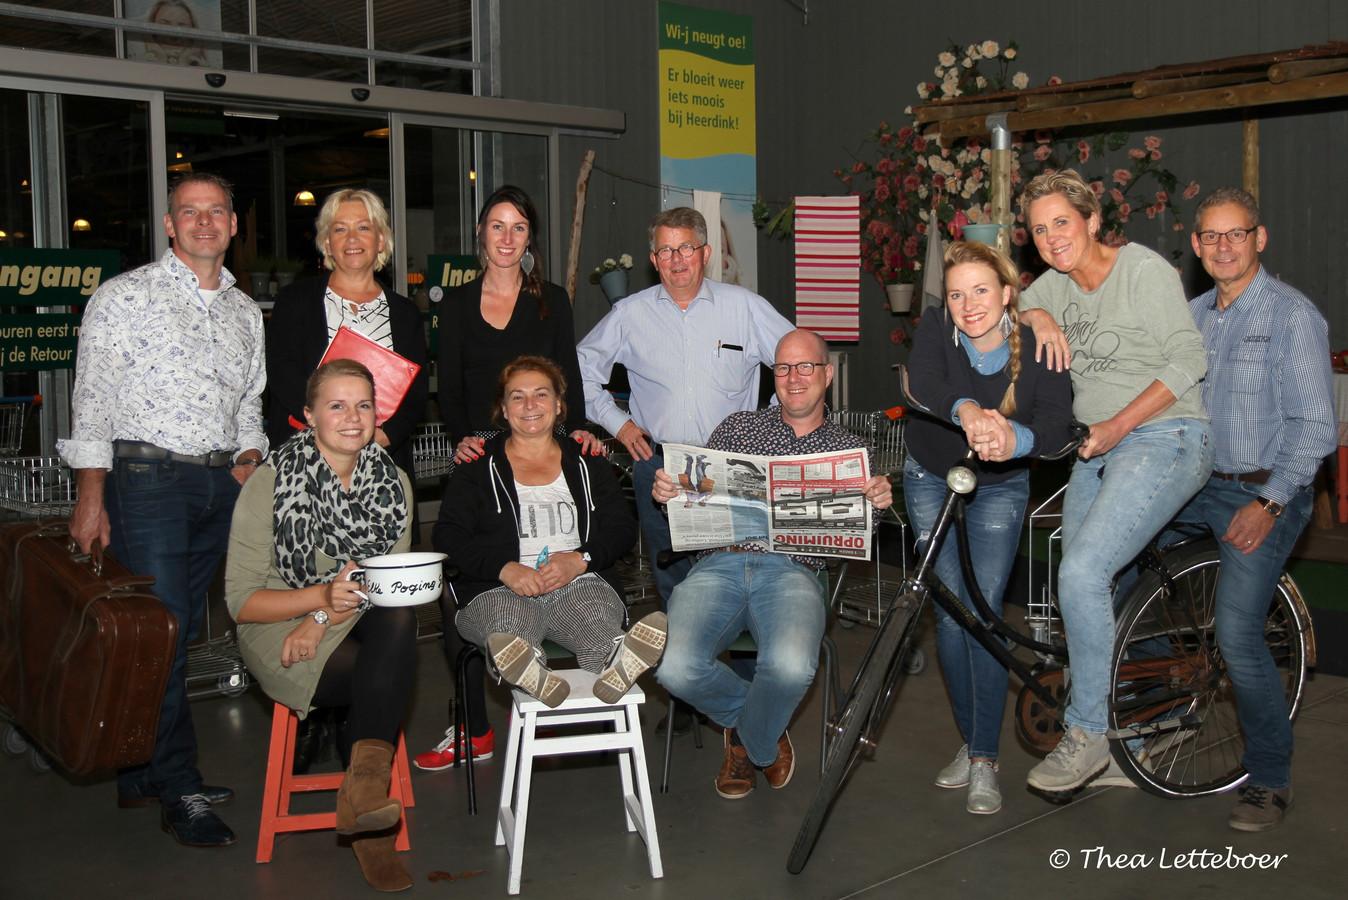 Toneelvereniging Kiek'nsweard brengt begin volgende maand de klucht 'De onbetaalbare loodgieter' op de planken.